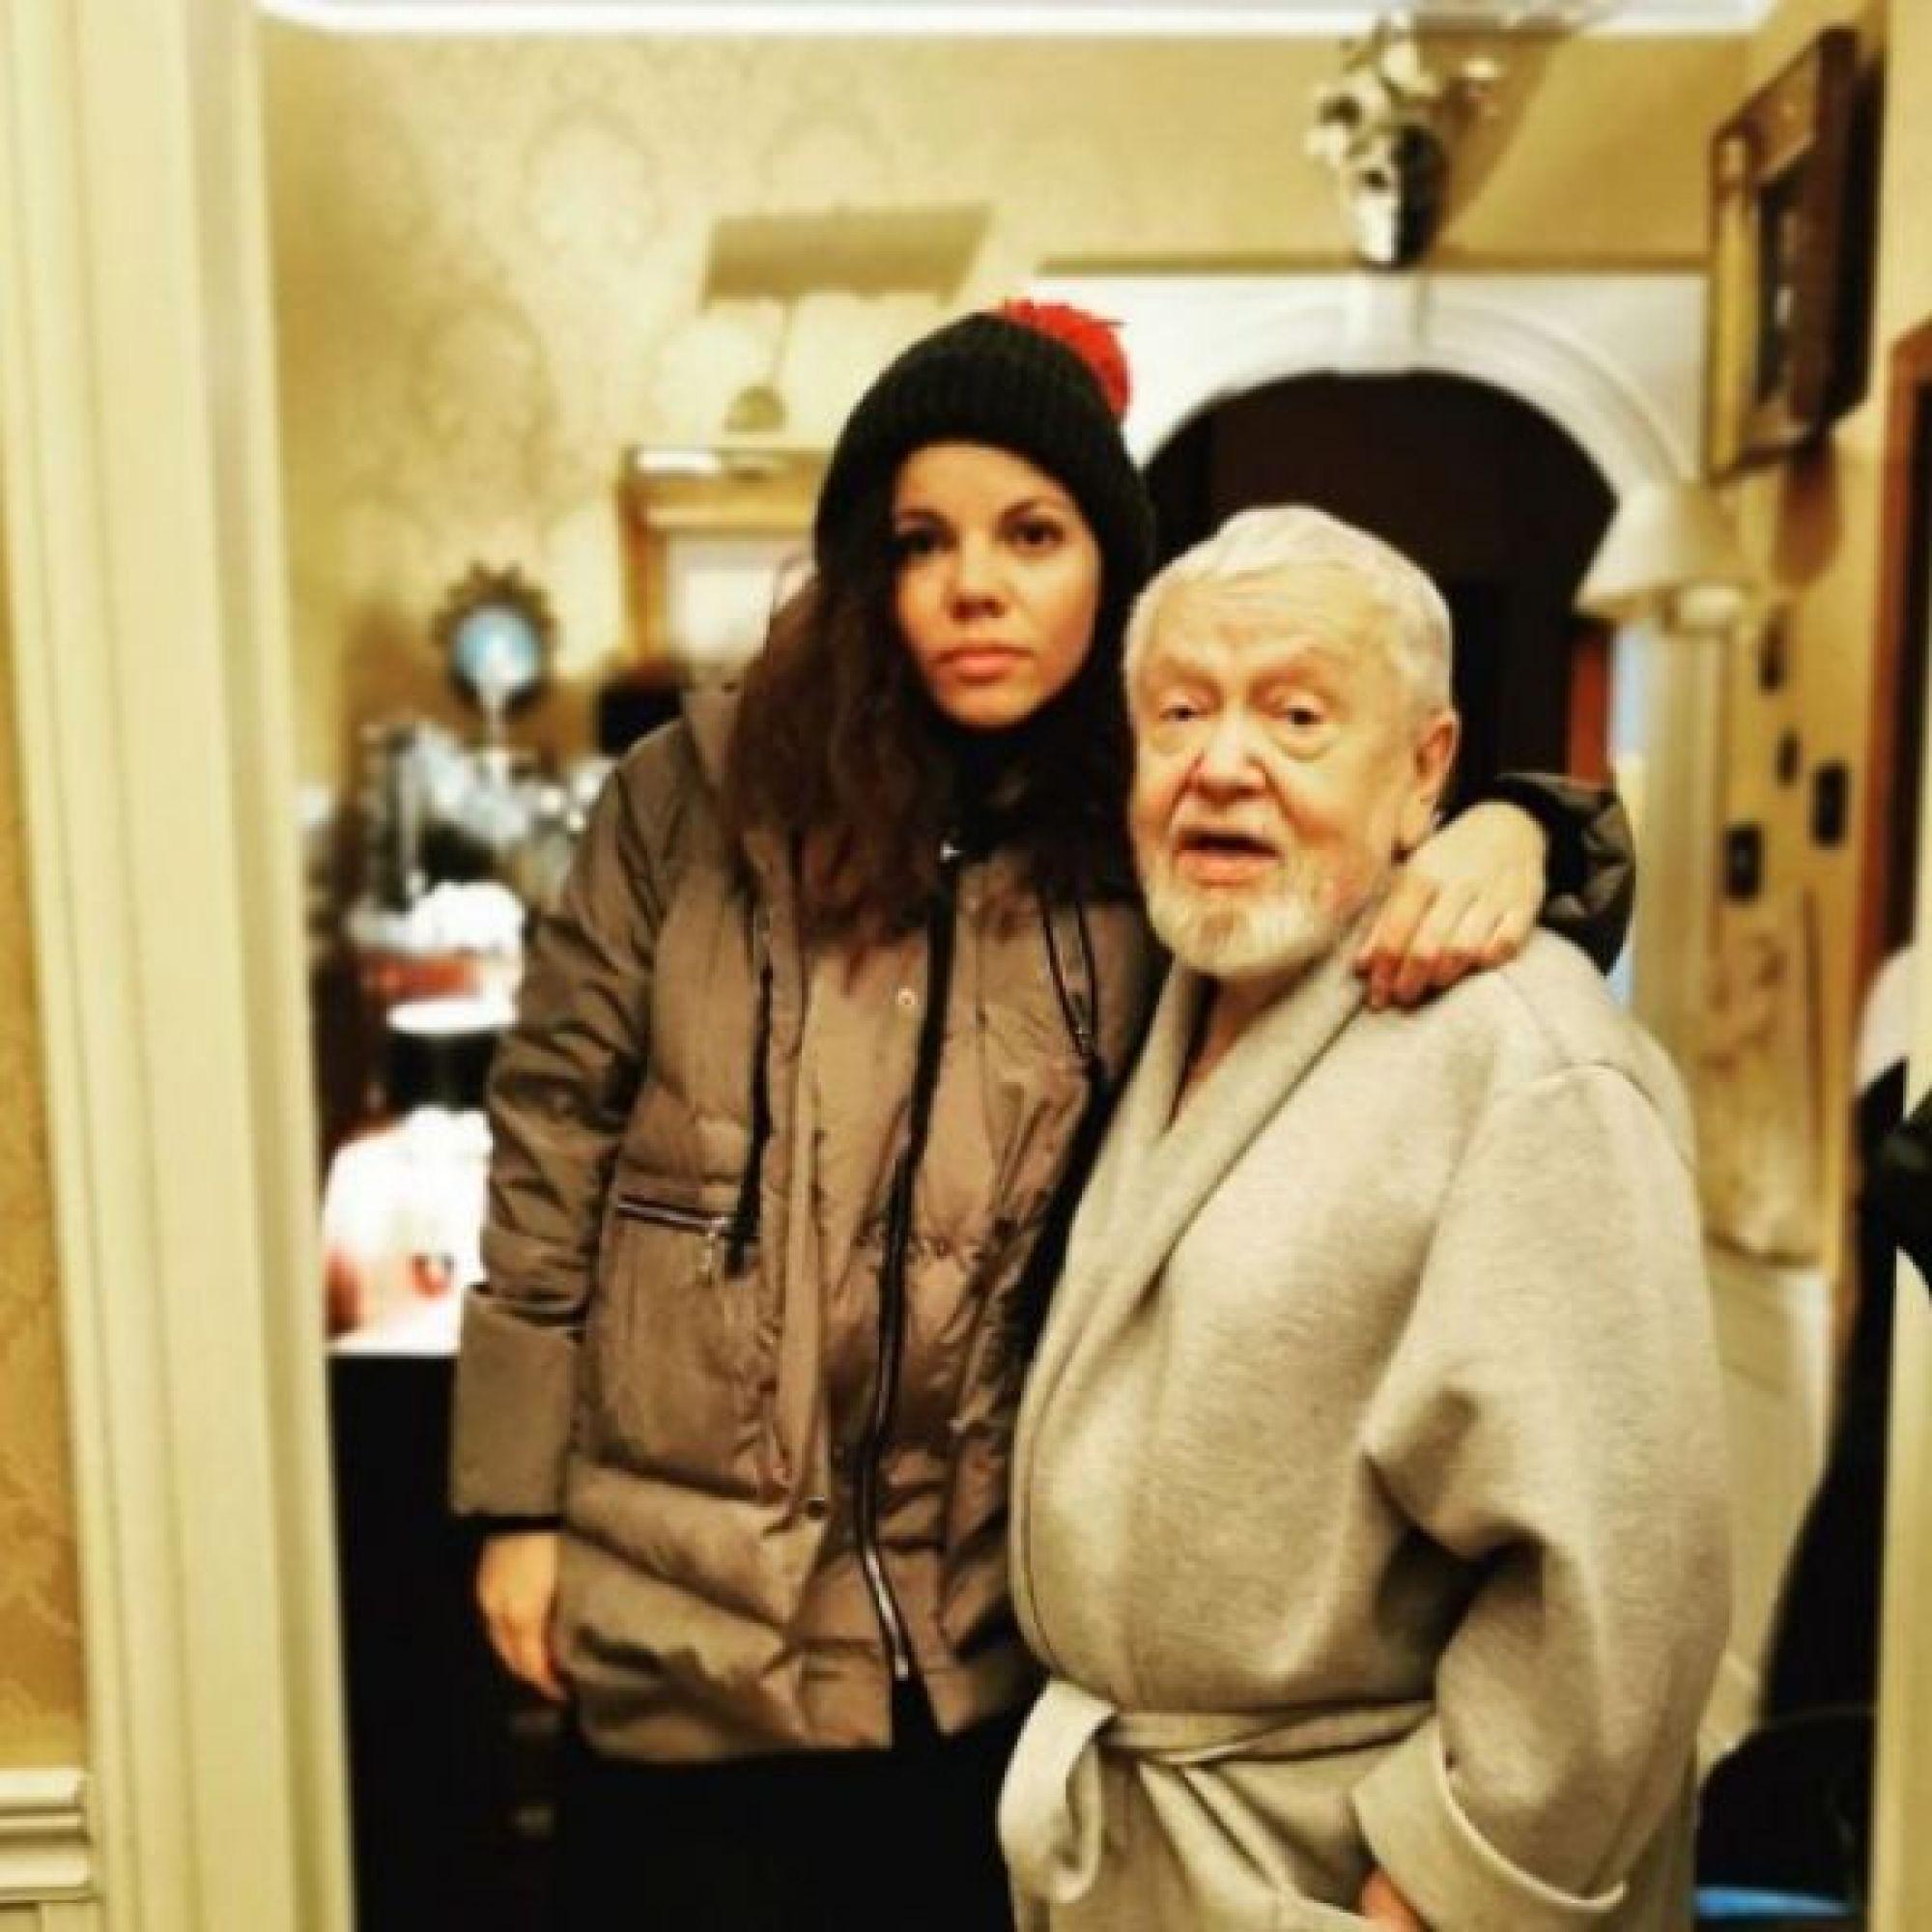 Сергей Соловьёв перенёс инсульт после ареста его счетов